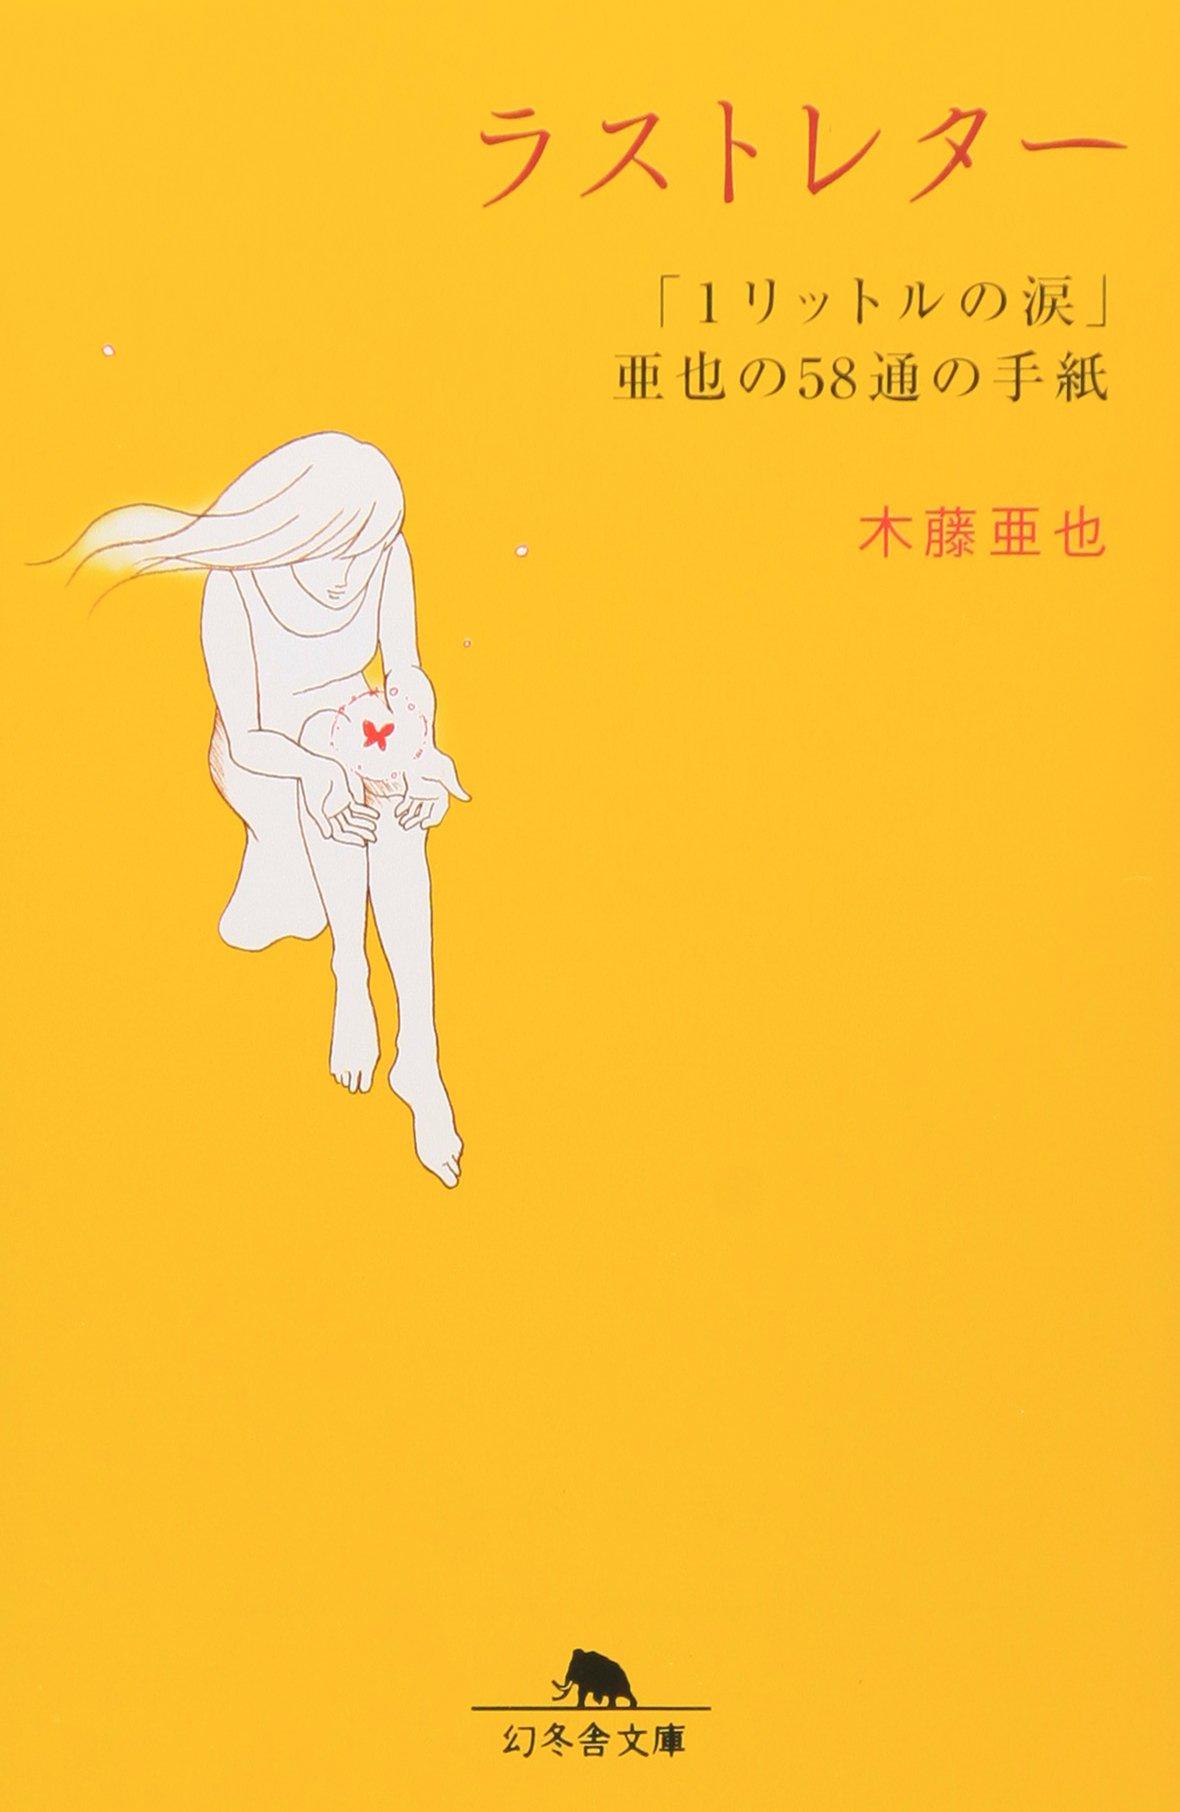 ラストレター「1リットルの涙」亜也の58通の手紙 pdf